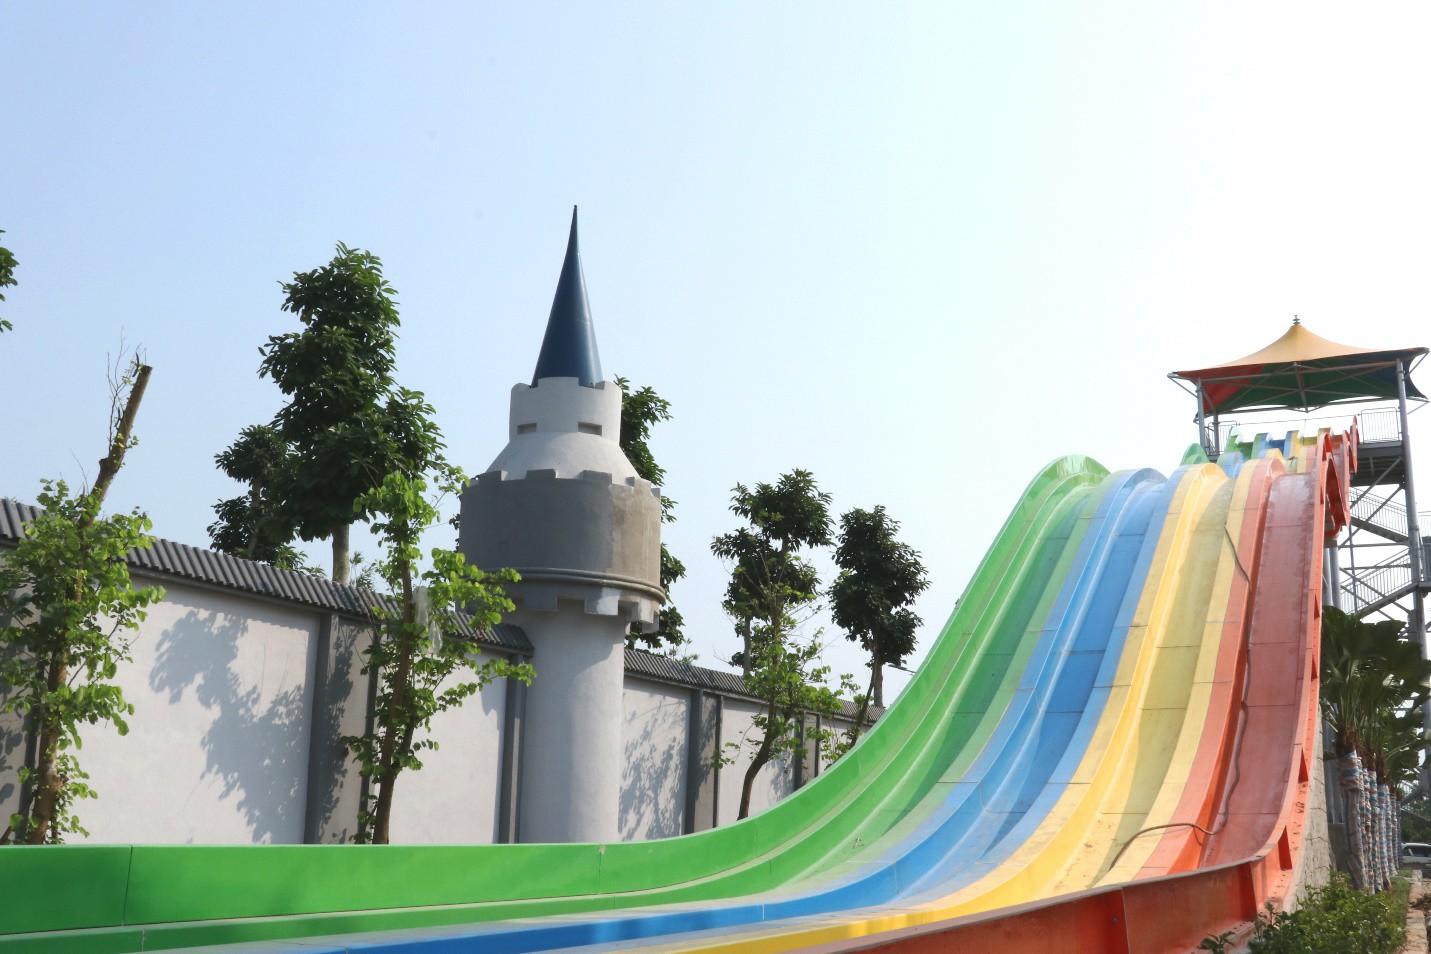 Tập đoàn Mường Thanh: Sắp khai trương công viên nước Thanh Hà lớn nhất Hà Nội - Ảnh 4.